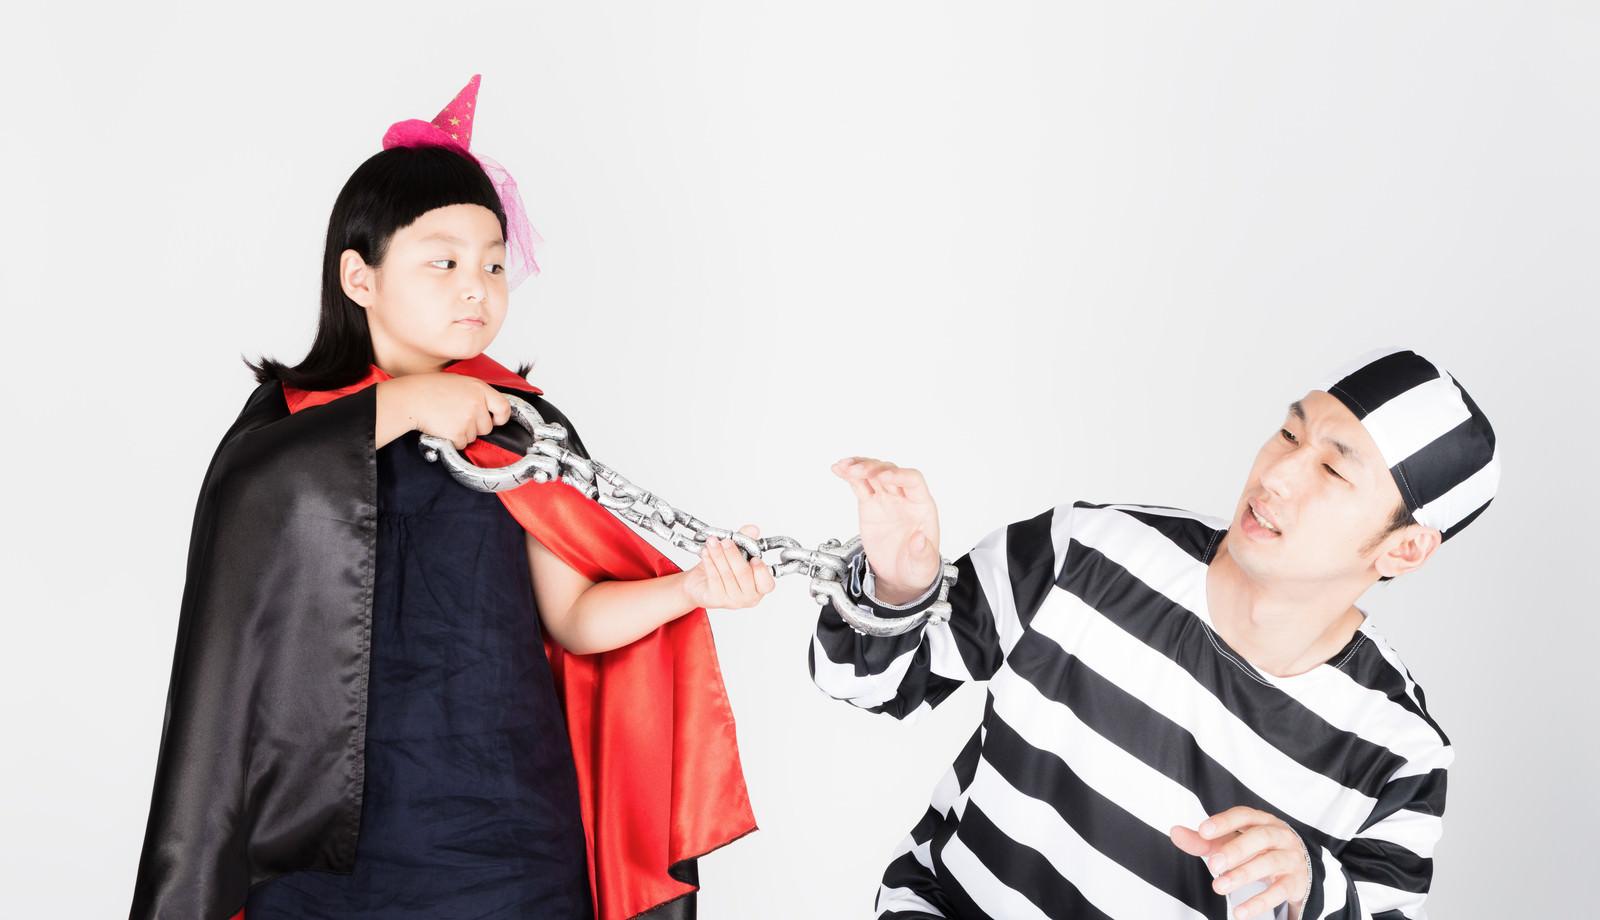 「囚人服のお父さんと魔法使いの娘」の写真[モデル:大川竜弥 ゆうき]